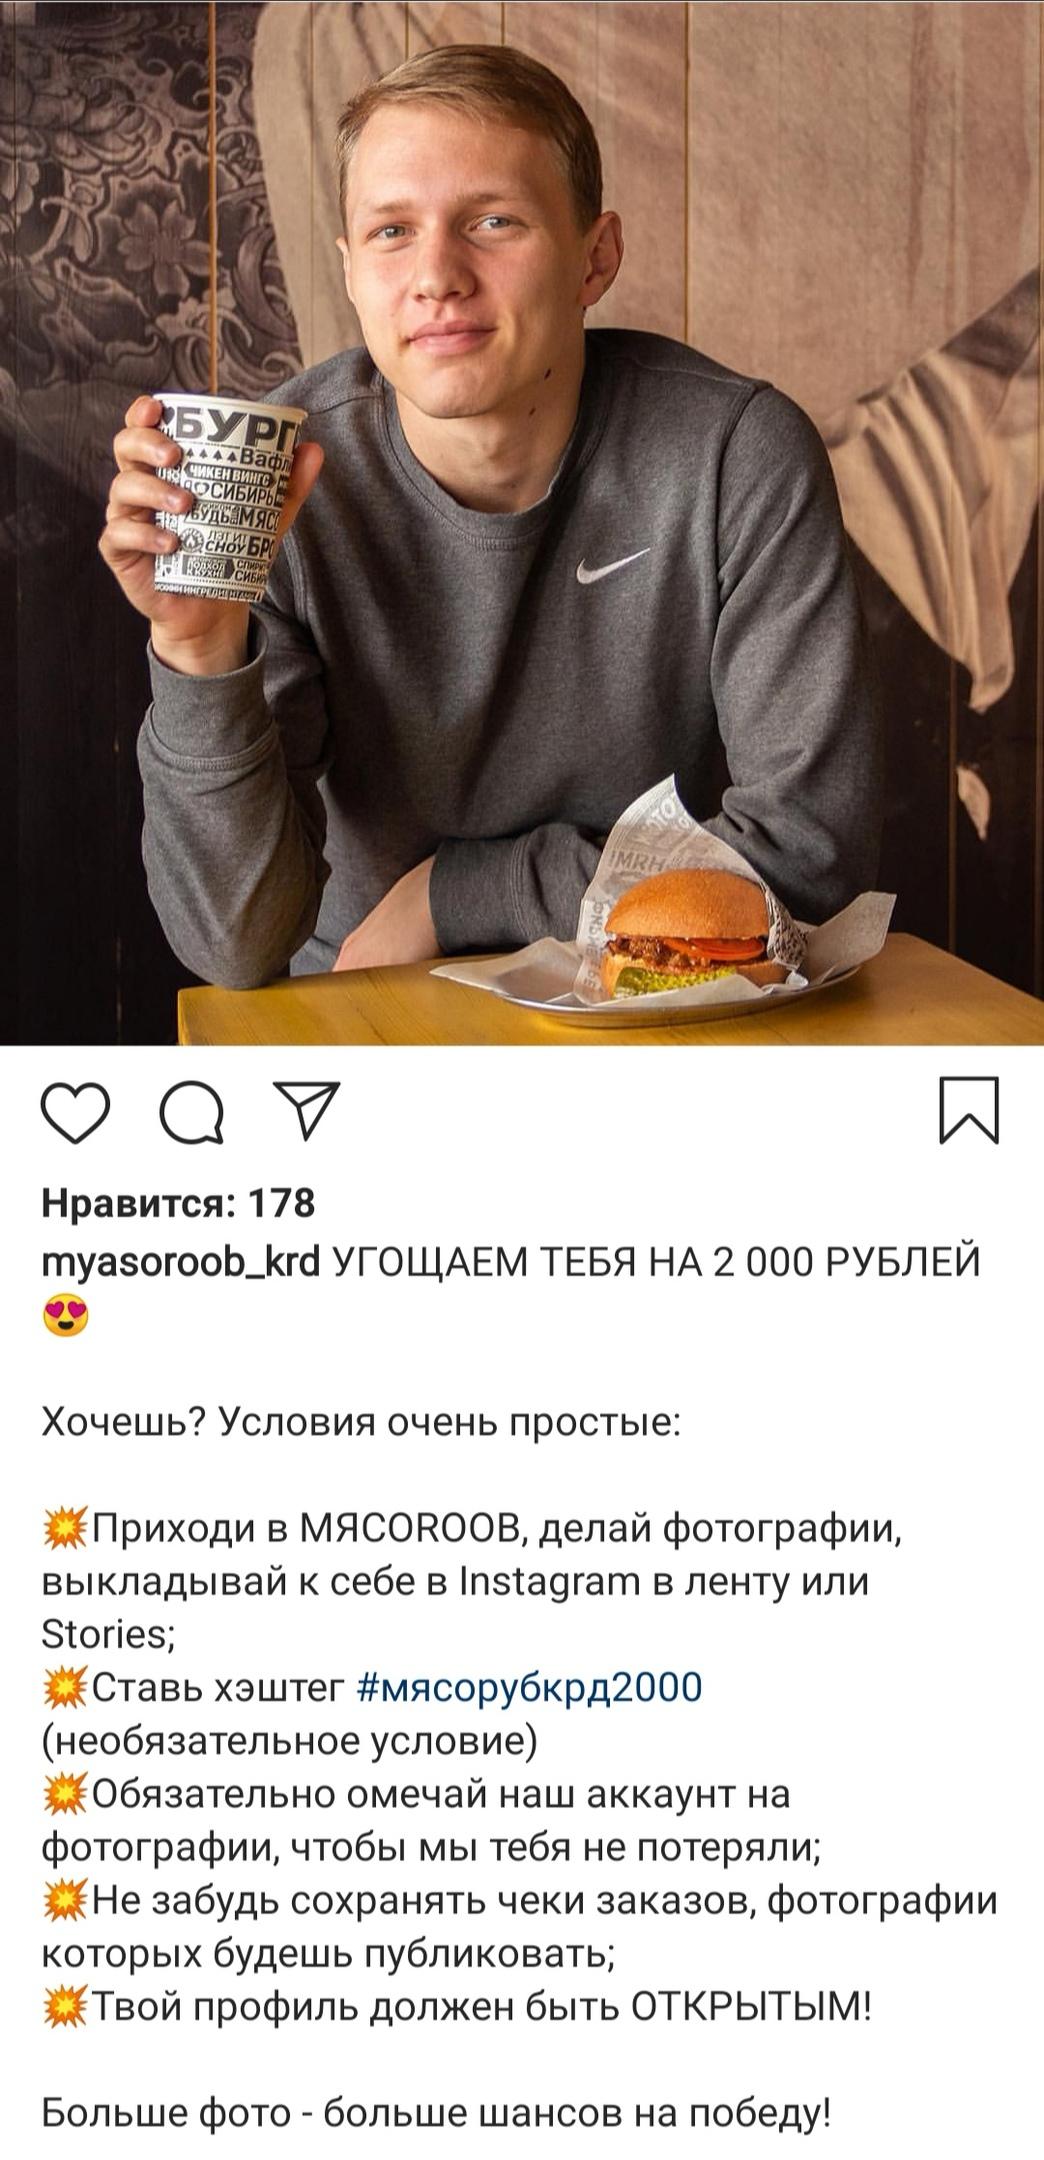 8 Лайфхаков для продвижения ресторана в Instagram, изображение №4